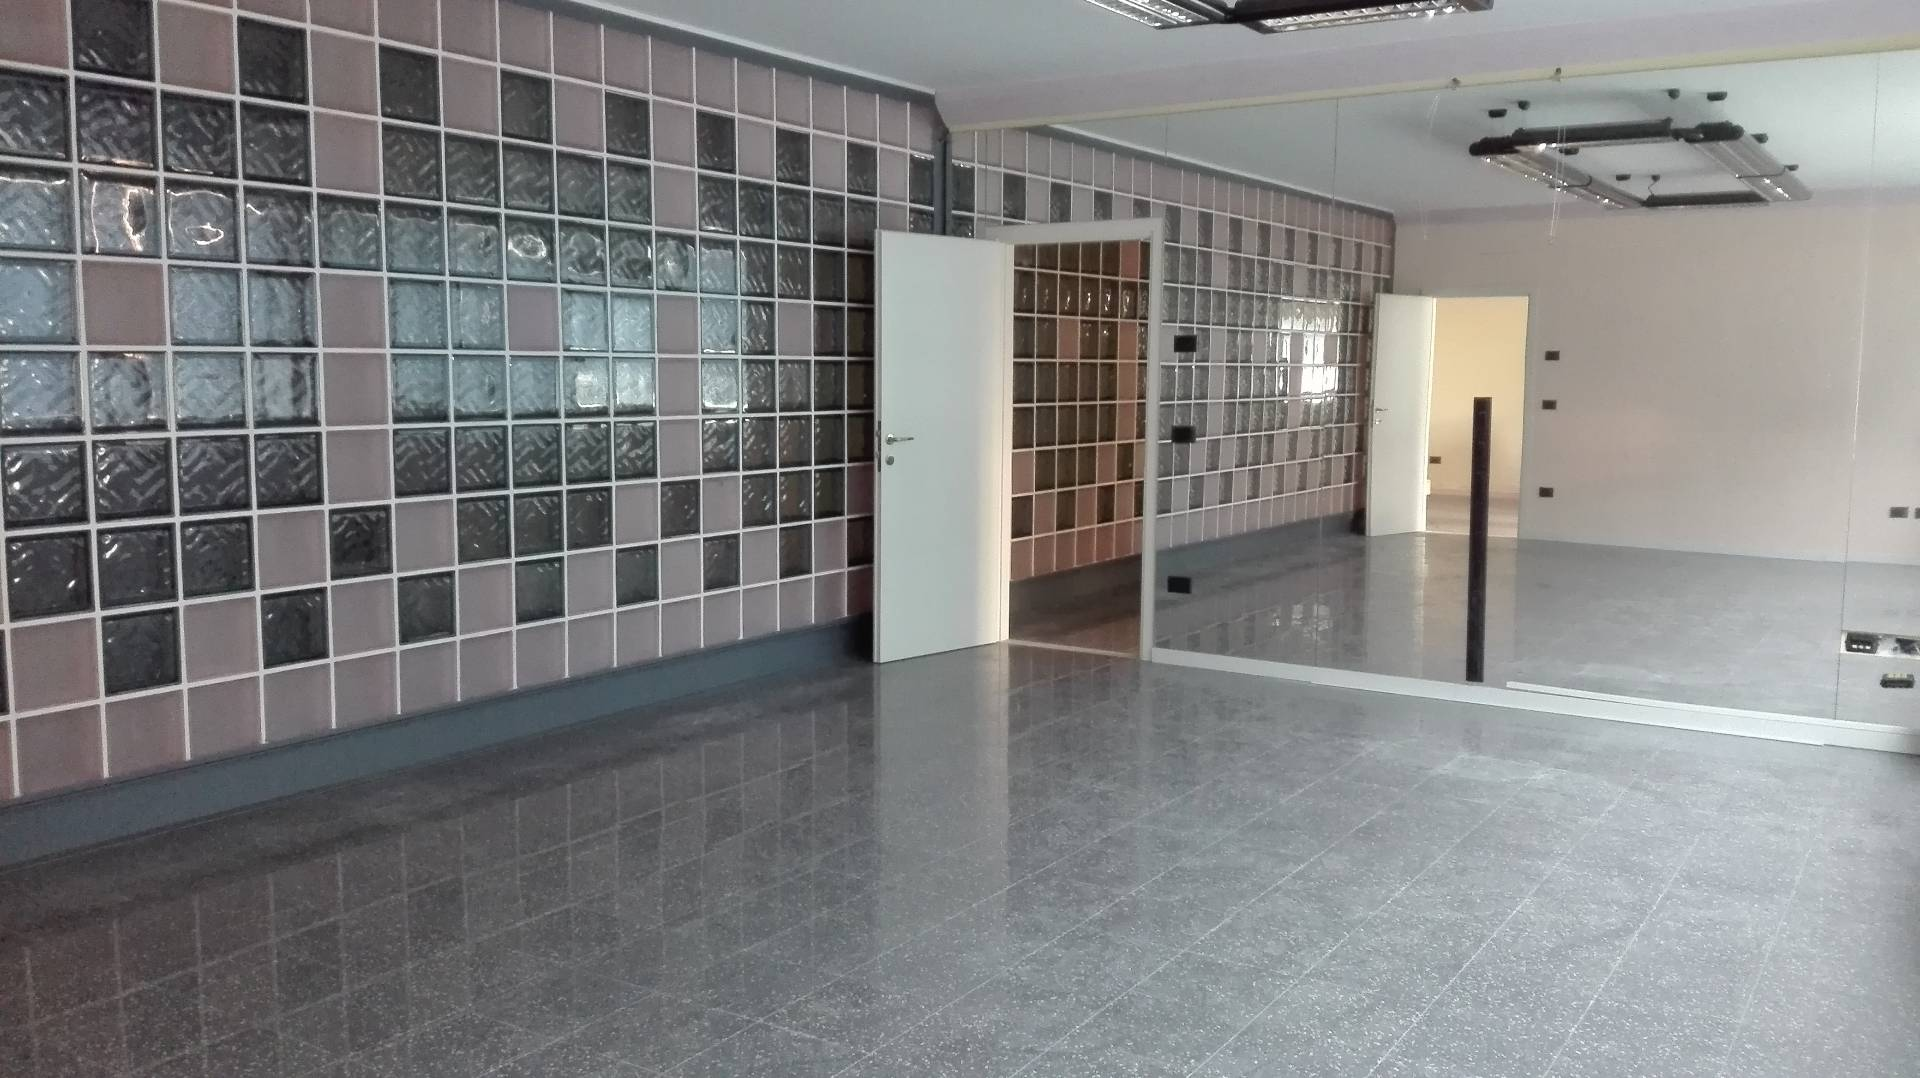 Ufficio / Studio in affitto a Lugo, 9999 locali, prezzo € 1.600 | CambioCasa.it